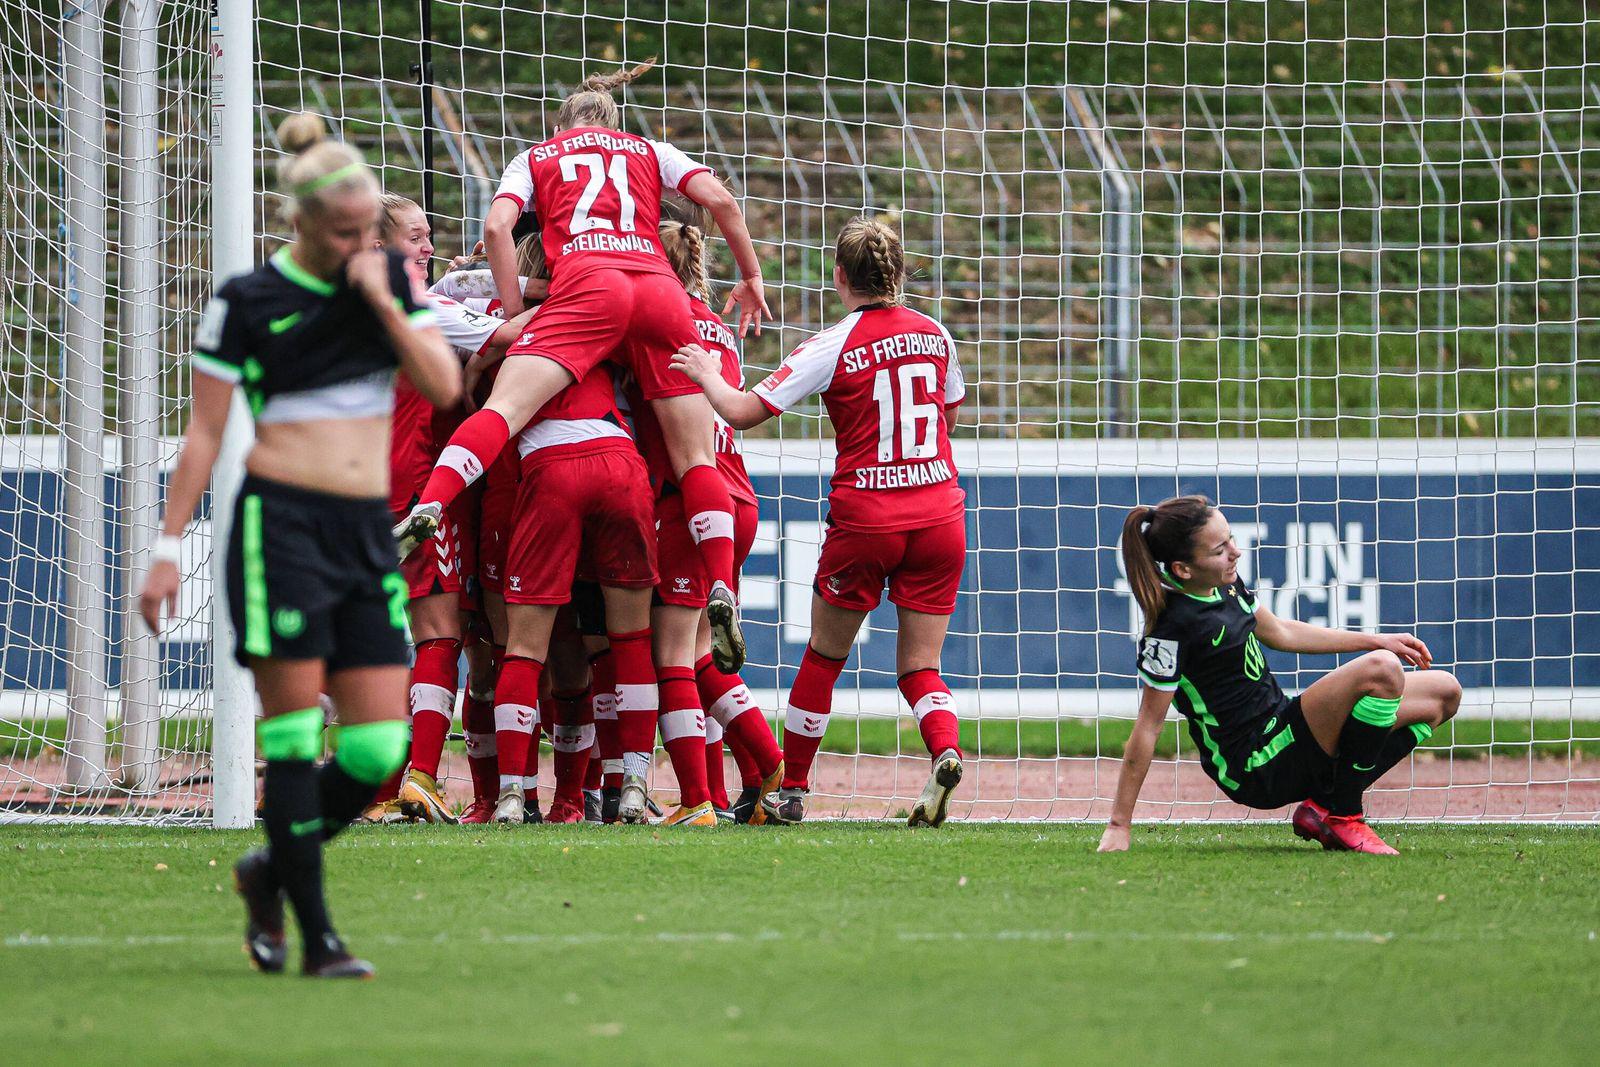 Flyeralarm Frauen-Bundesliga 6.Spieltag - 20/21 - SC Freiburg vs. VfL Wolfsburg - 11-10-2020 Torjubel zum 1:1 durch Has